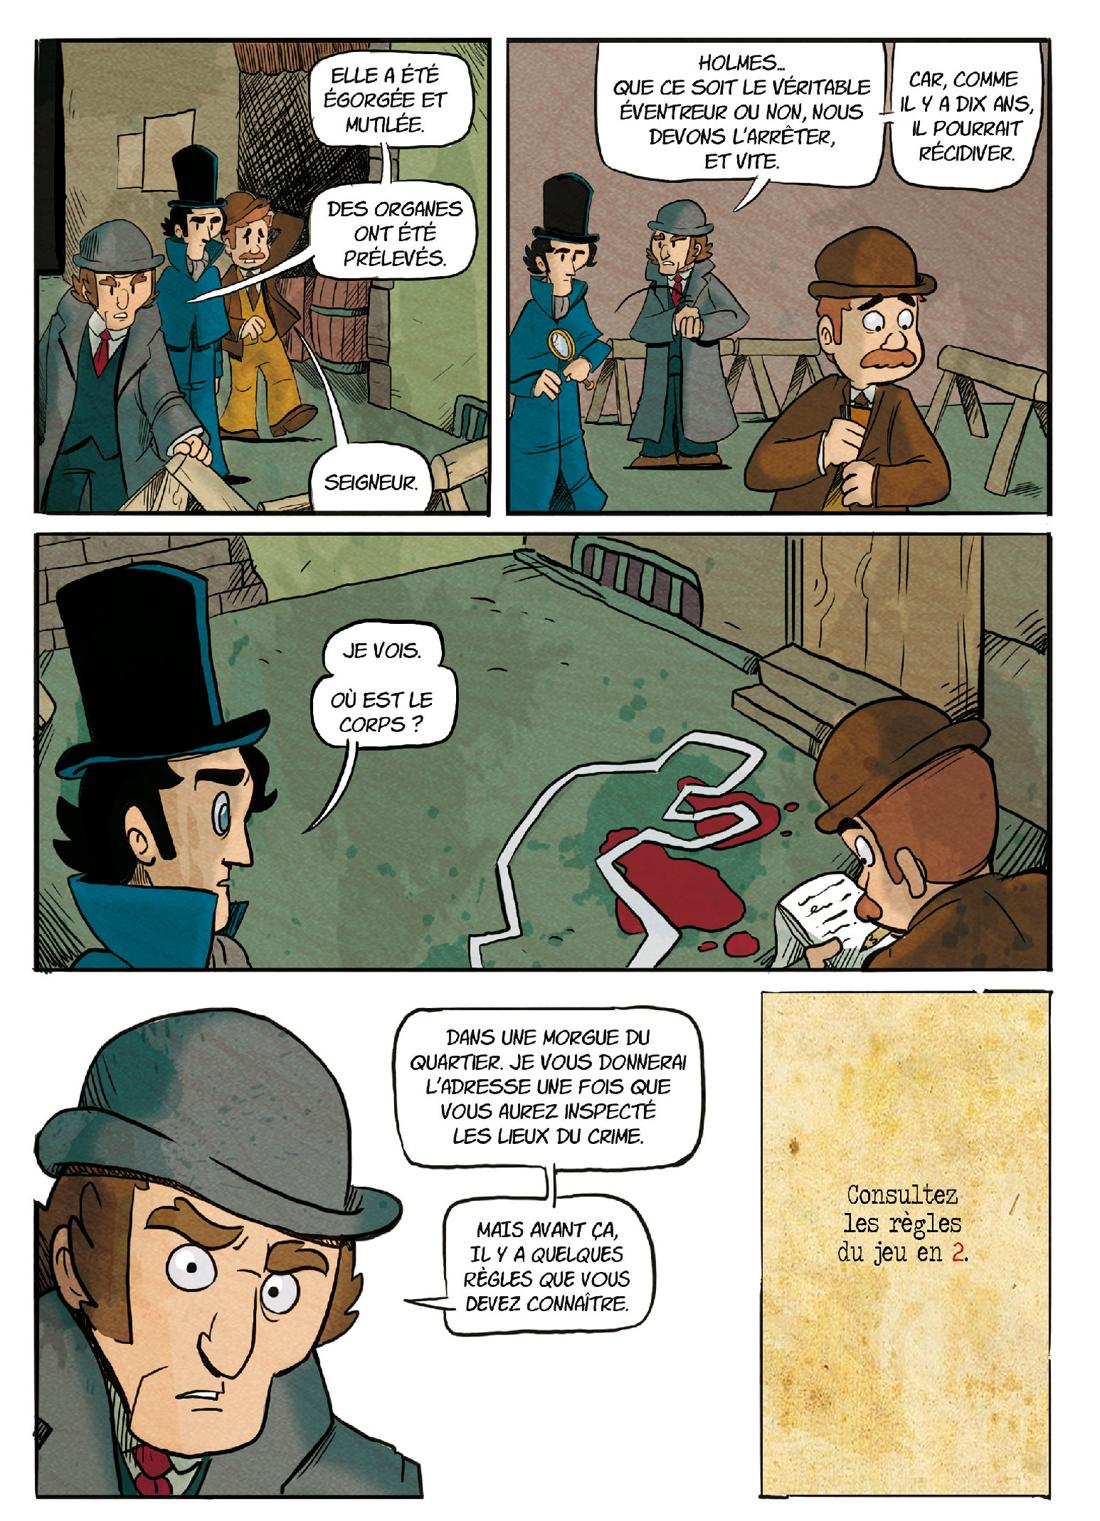 Sherlock Holmes, L'ombre de Jack l'eventreur, planhe de l'album © Makaka / Ced